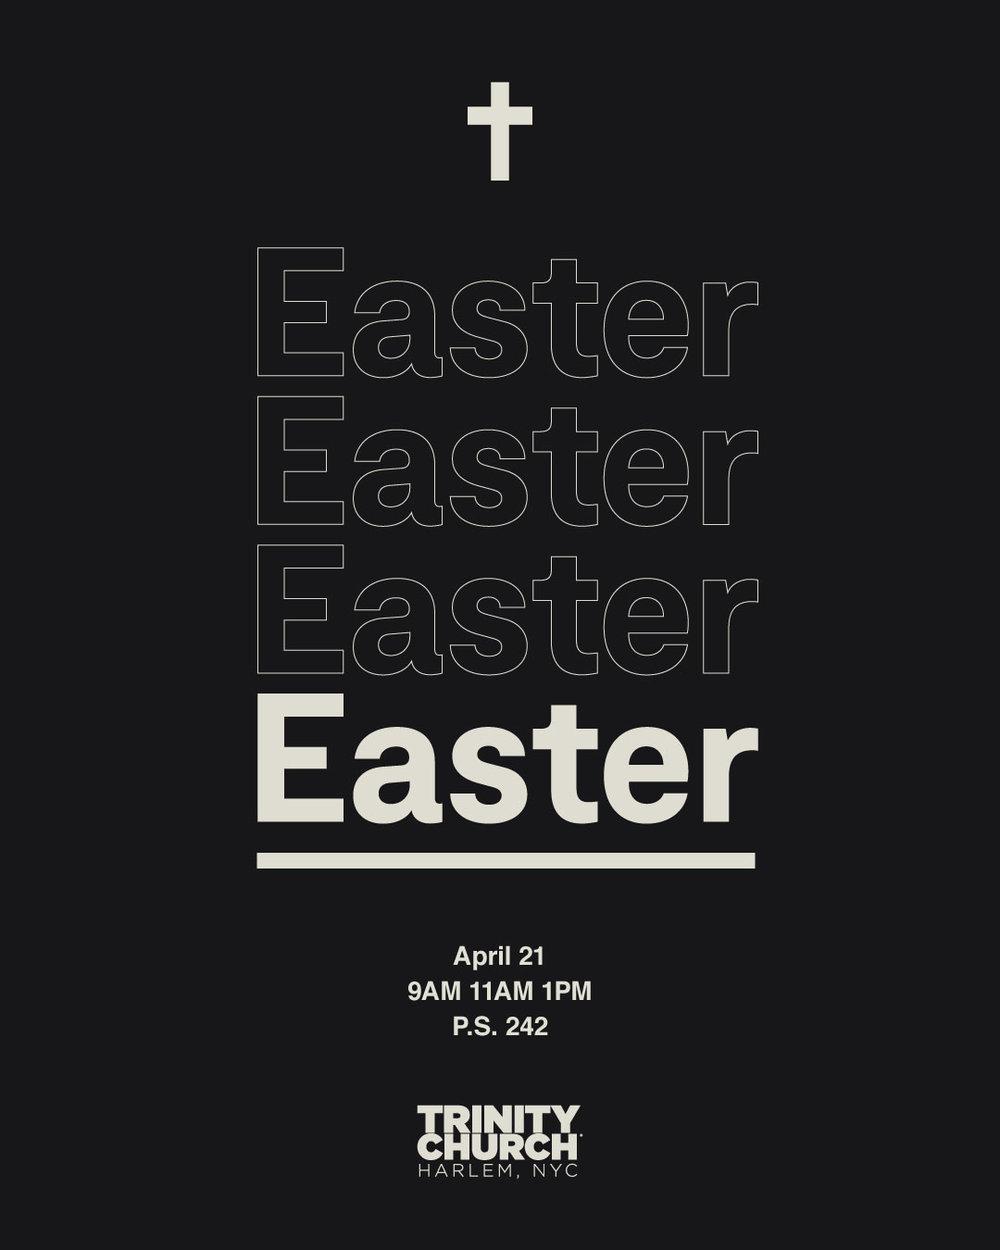 Easter_Social_Feed_02.jpg